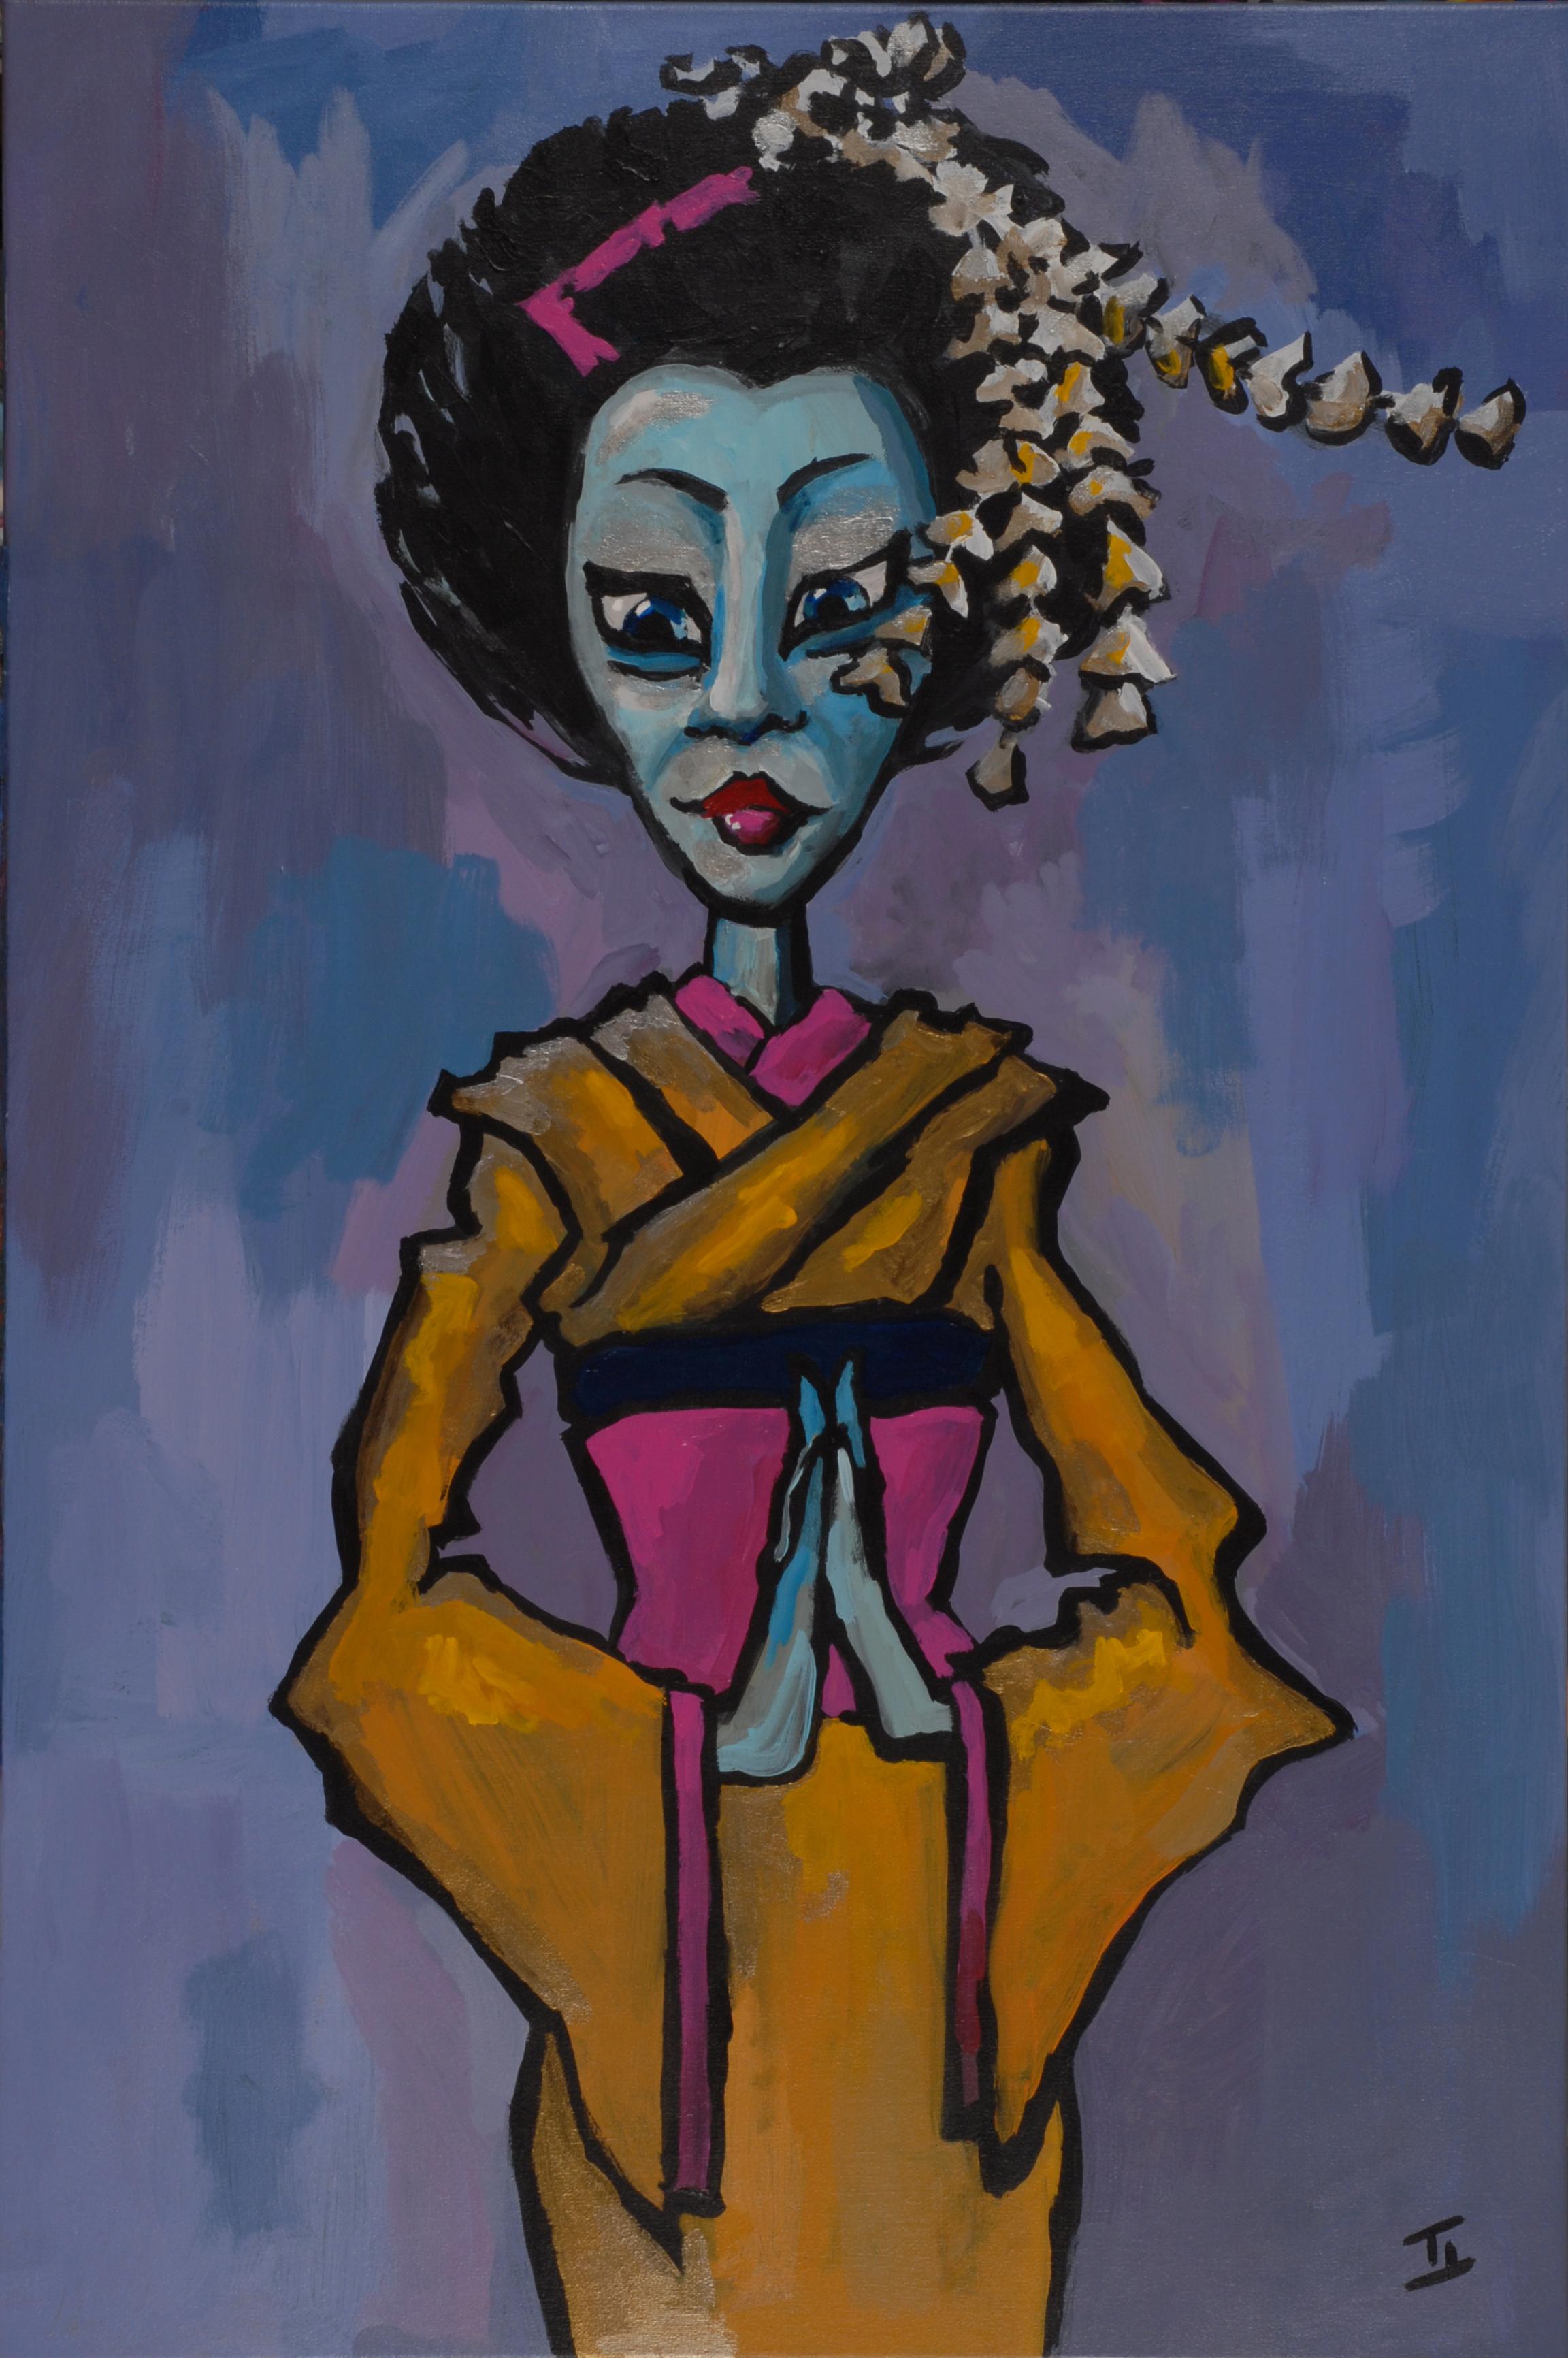 Galactic Geisha